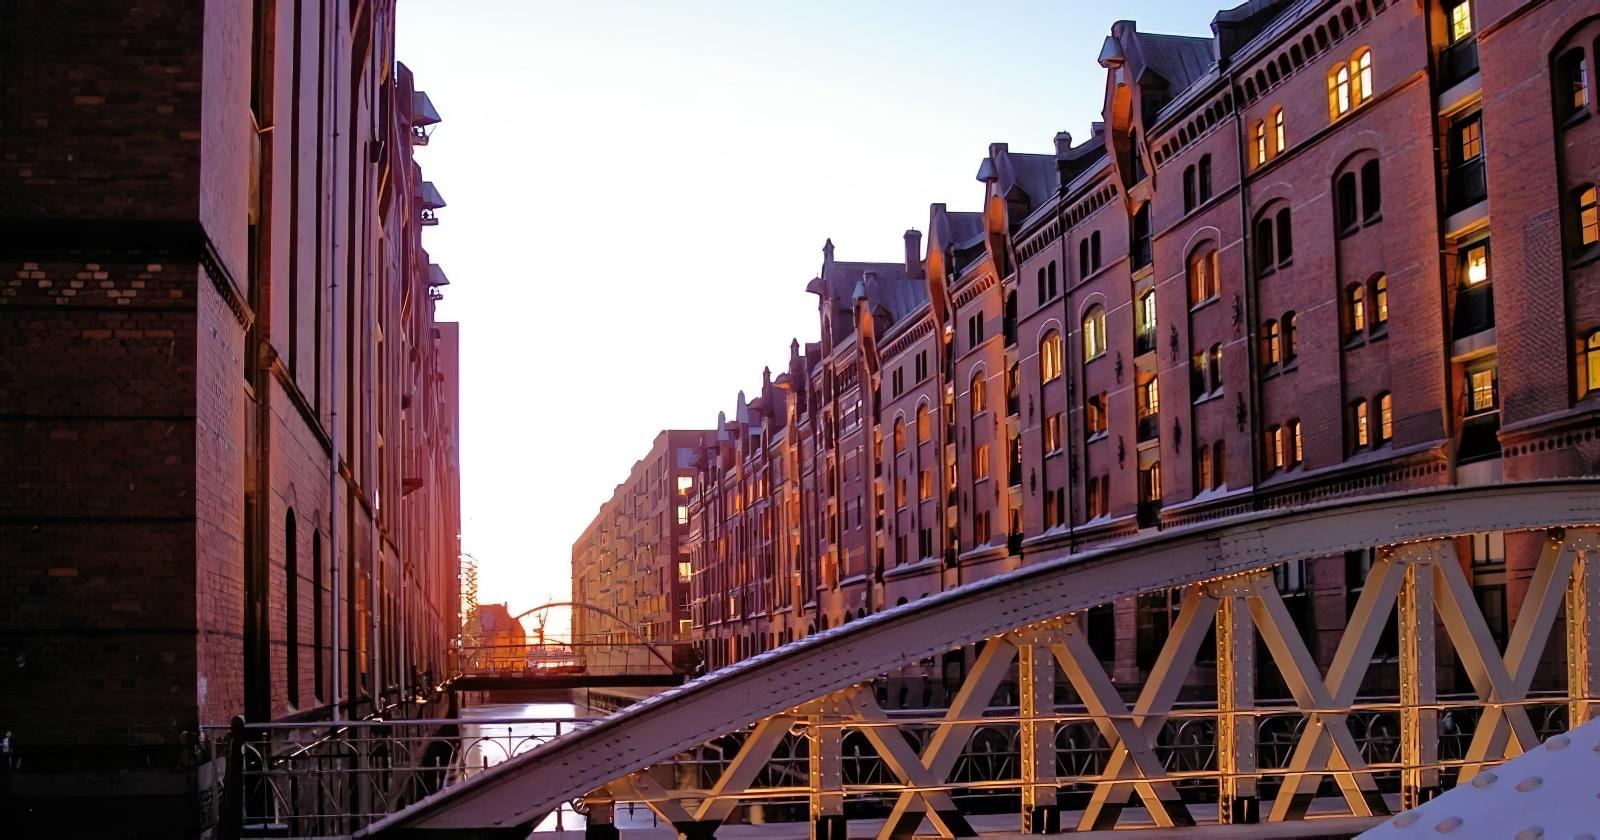 Visiter Hambourg : que faire, que voir ?